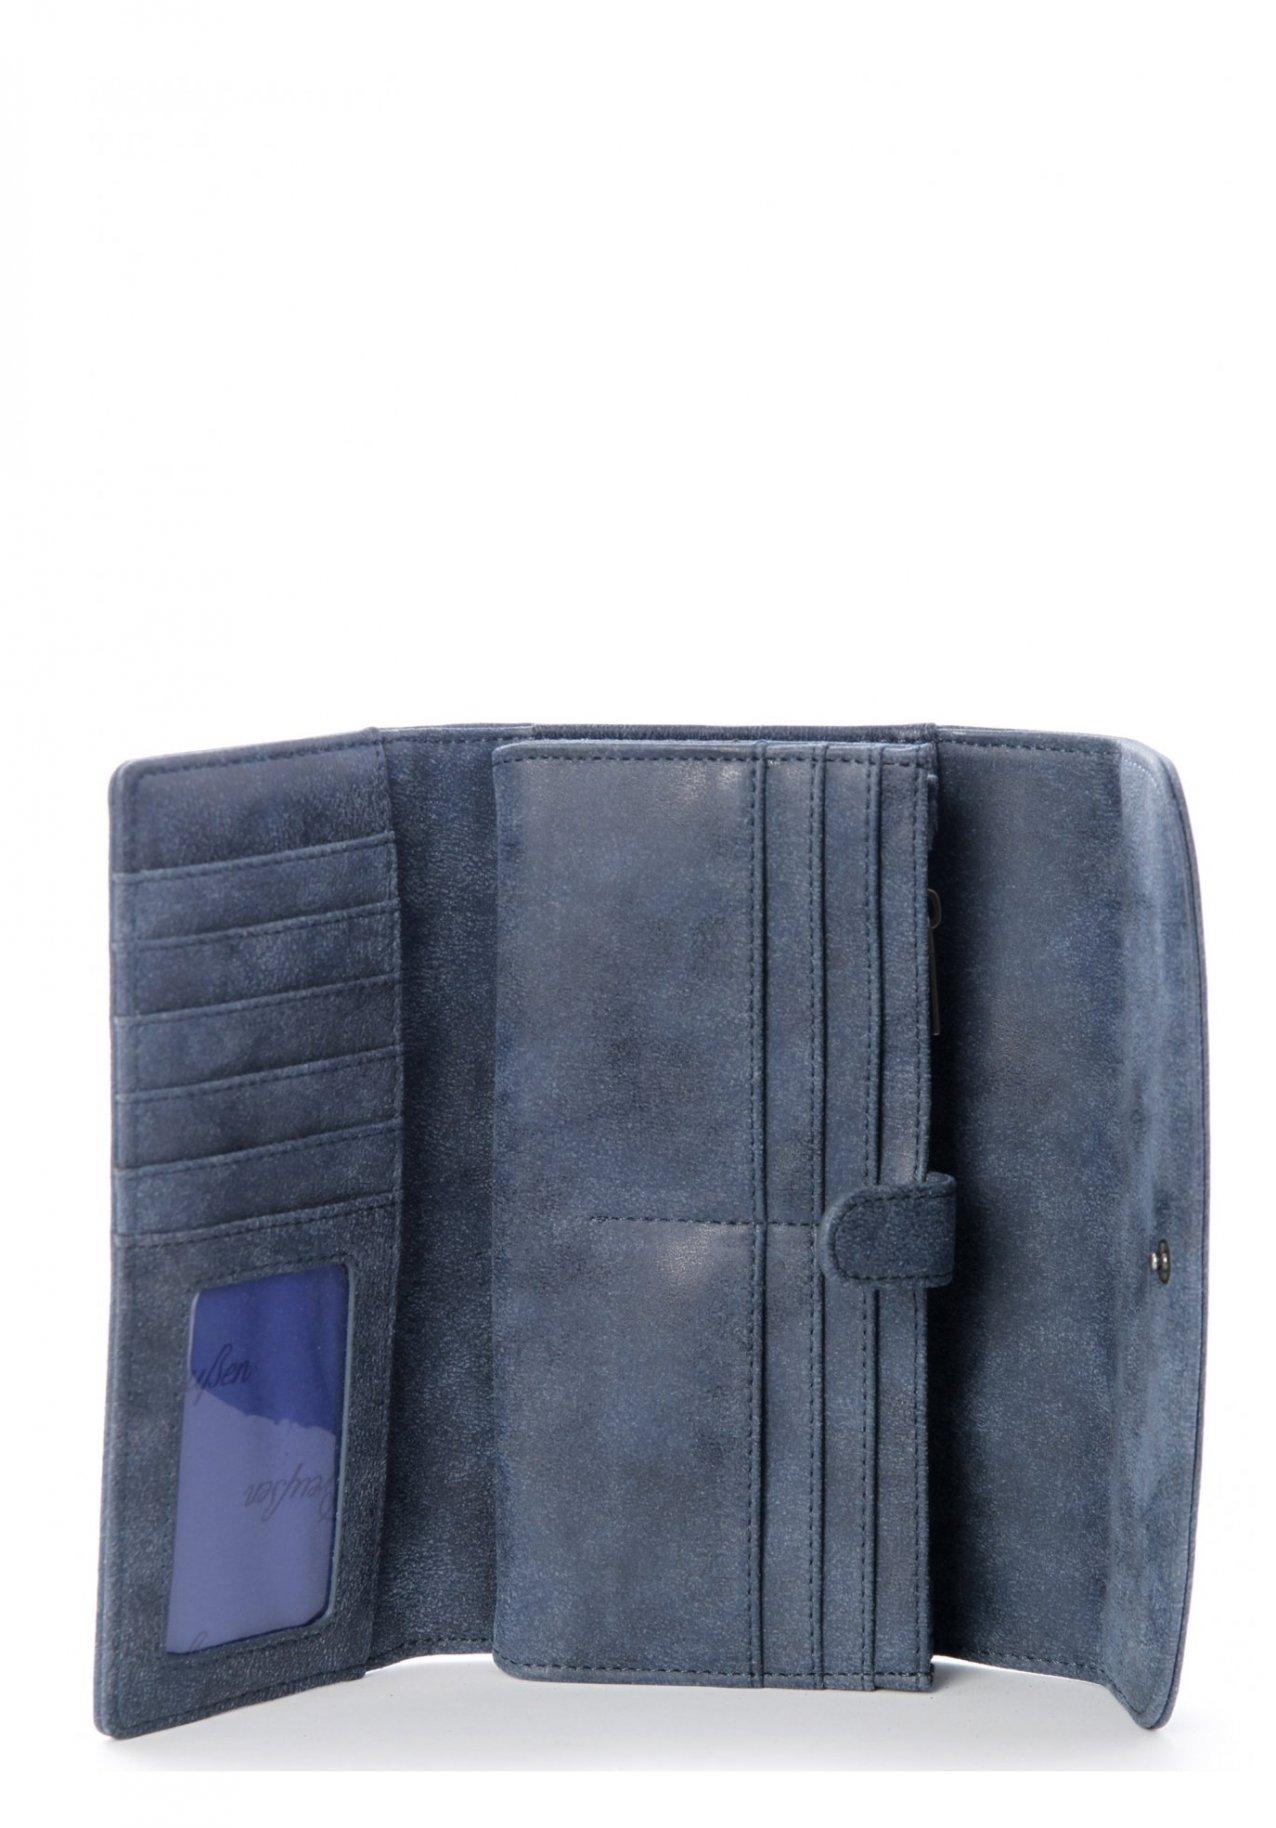 ac0cf18a76d36 Fritzi aus Preußen Wallet Heide Vintage Blue Damen-Geldbörse nur 29.90€